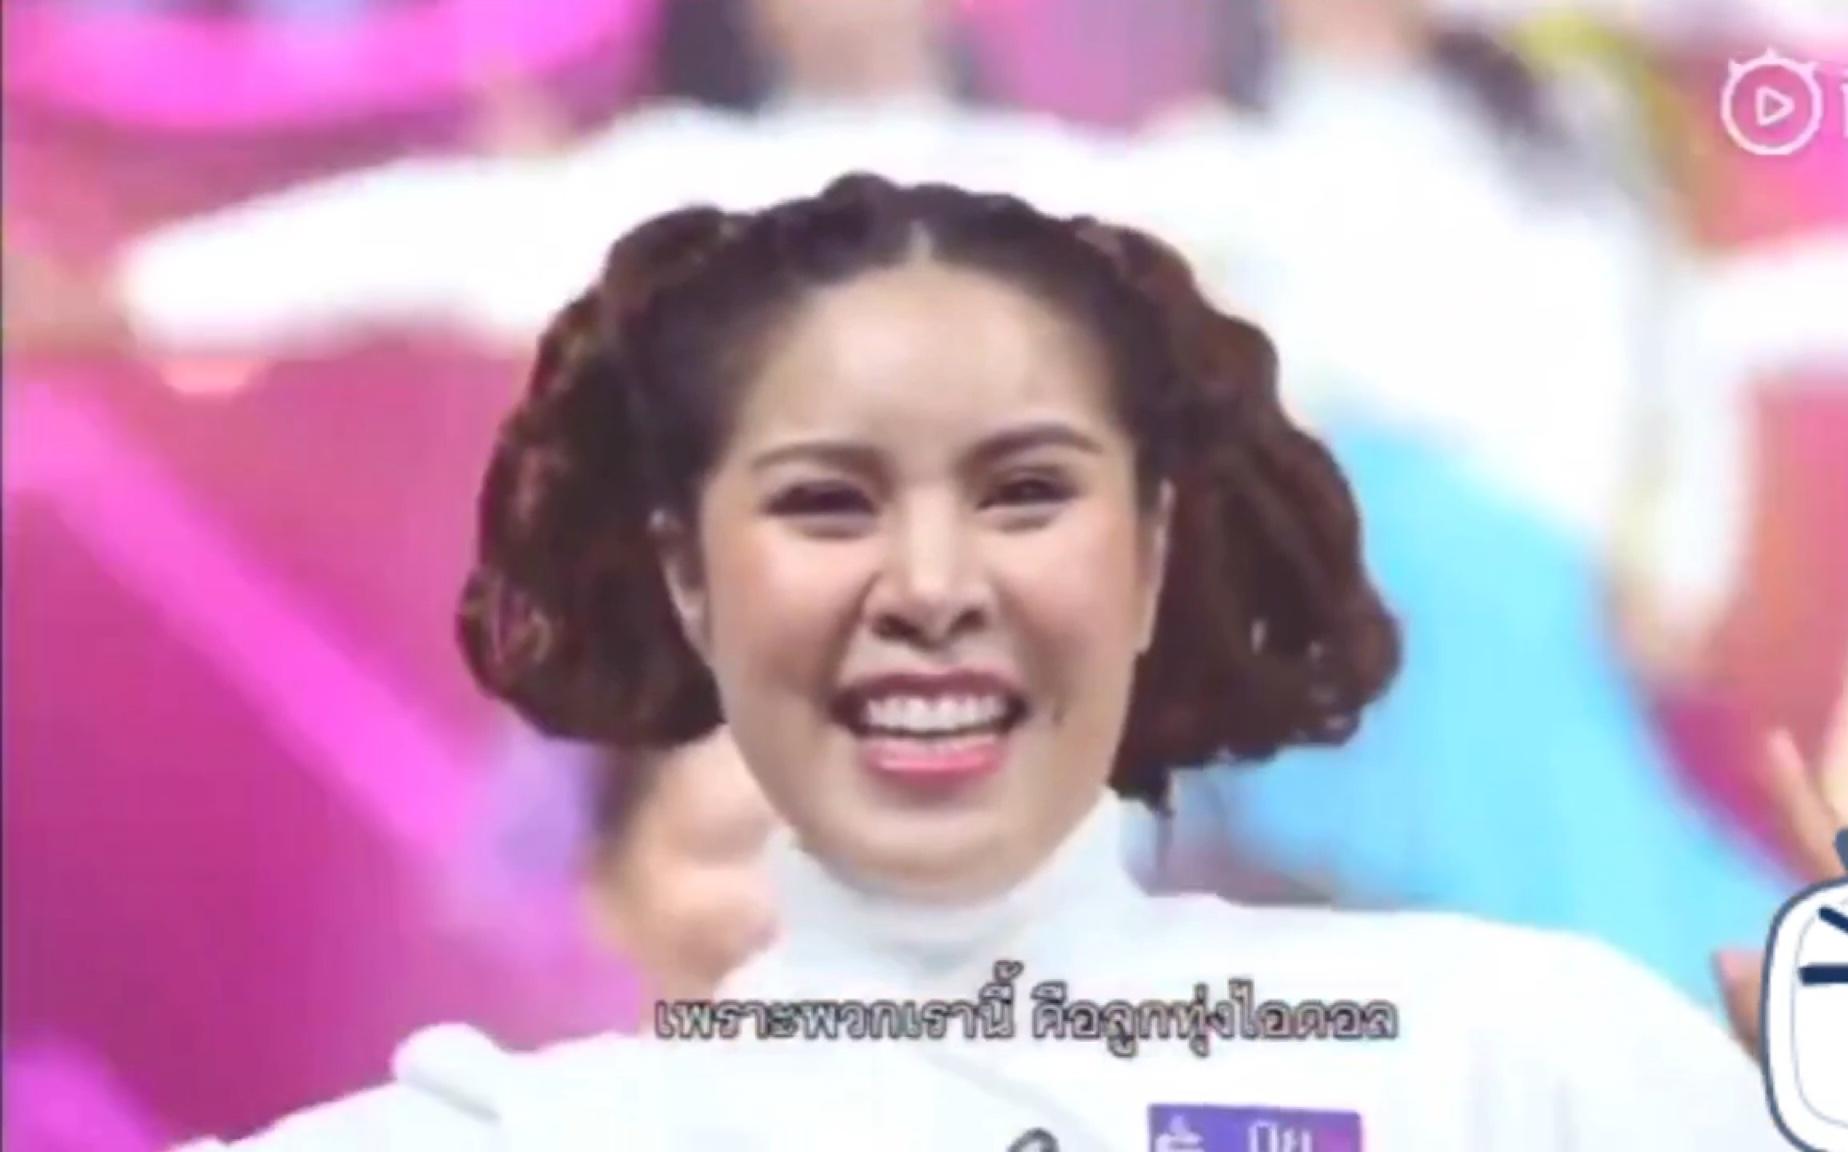 韩网热议!泰国版101太惊悚了吧!土嗨现场?泰国最红的女团是谁?